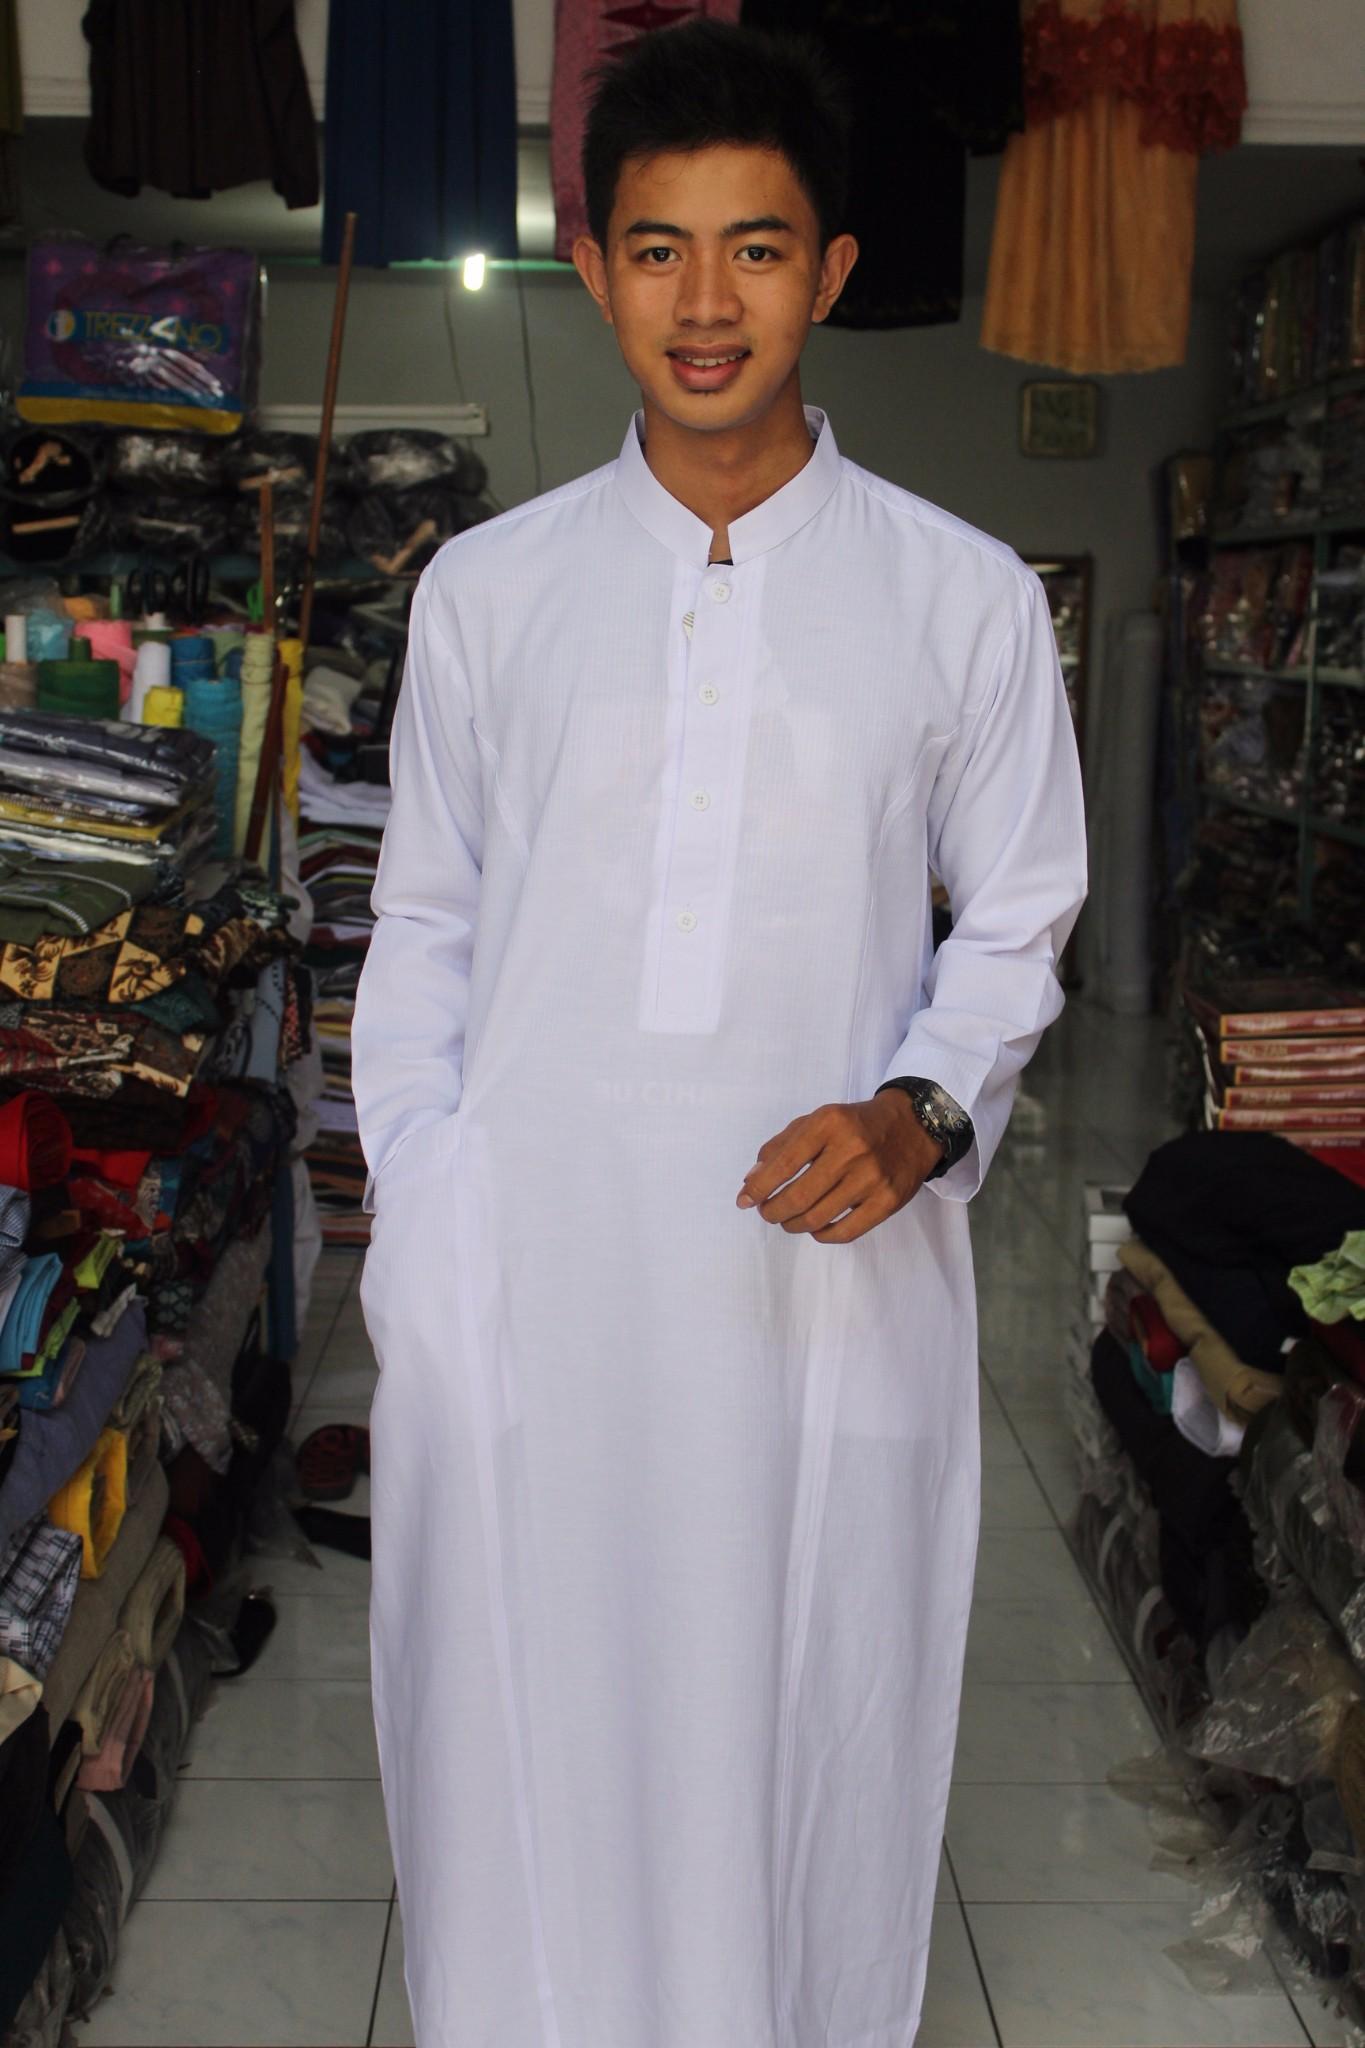 Jual Gamis koko Jubah, Busana muslim pria, baju koko pria - Esquina collection | Tokopedia